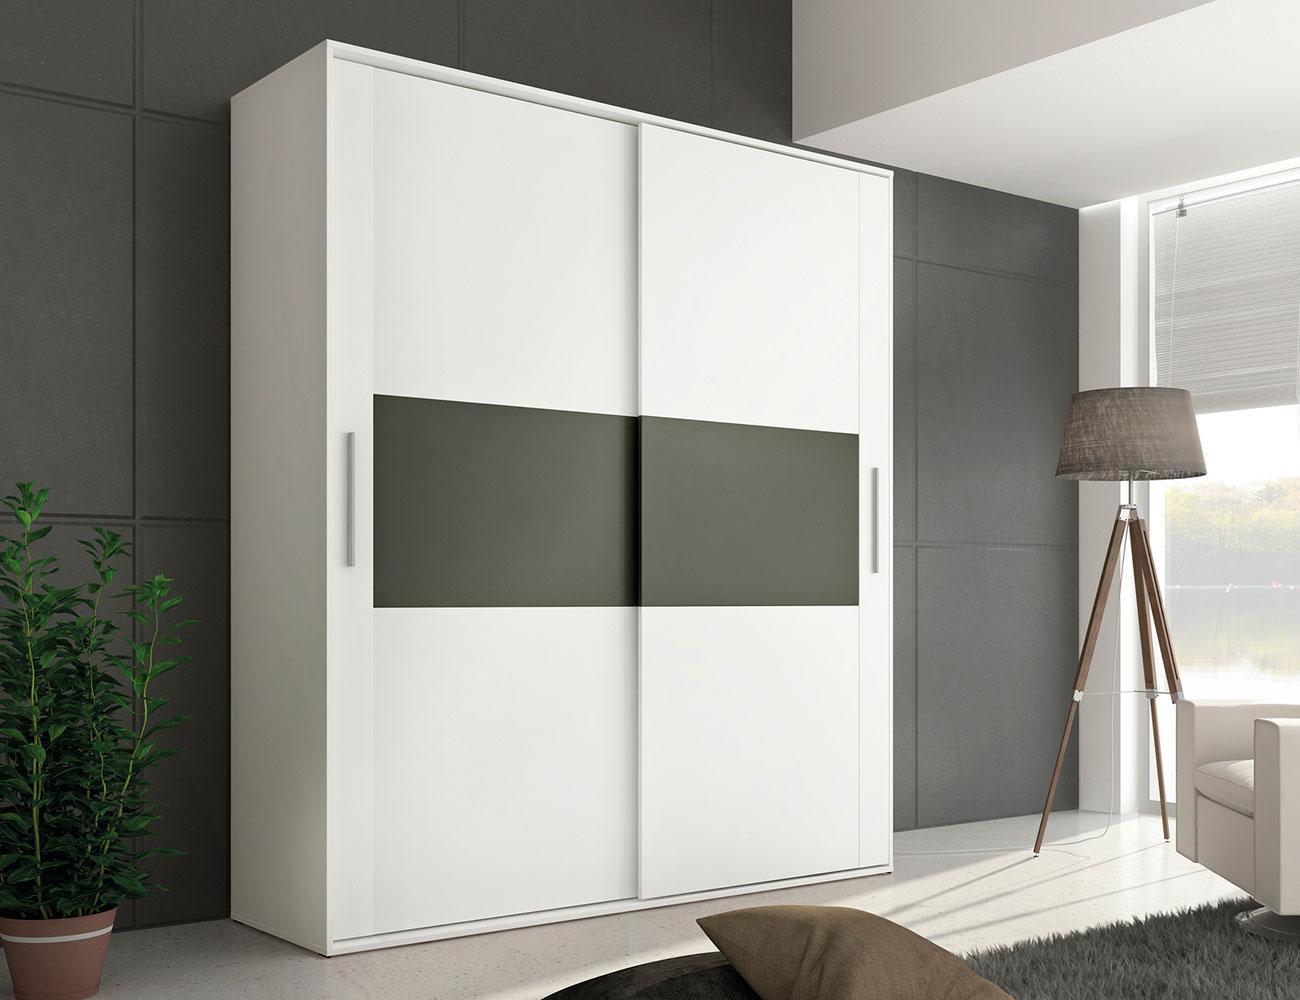 Armario Ropa Blanca ~ Armario 2 puertas correderas en blanco con grafito (21531) Factory del Mueble Utrera